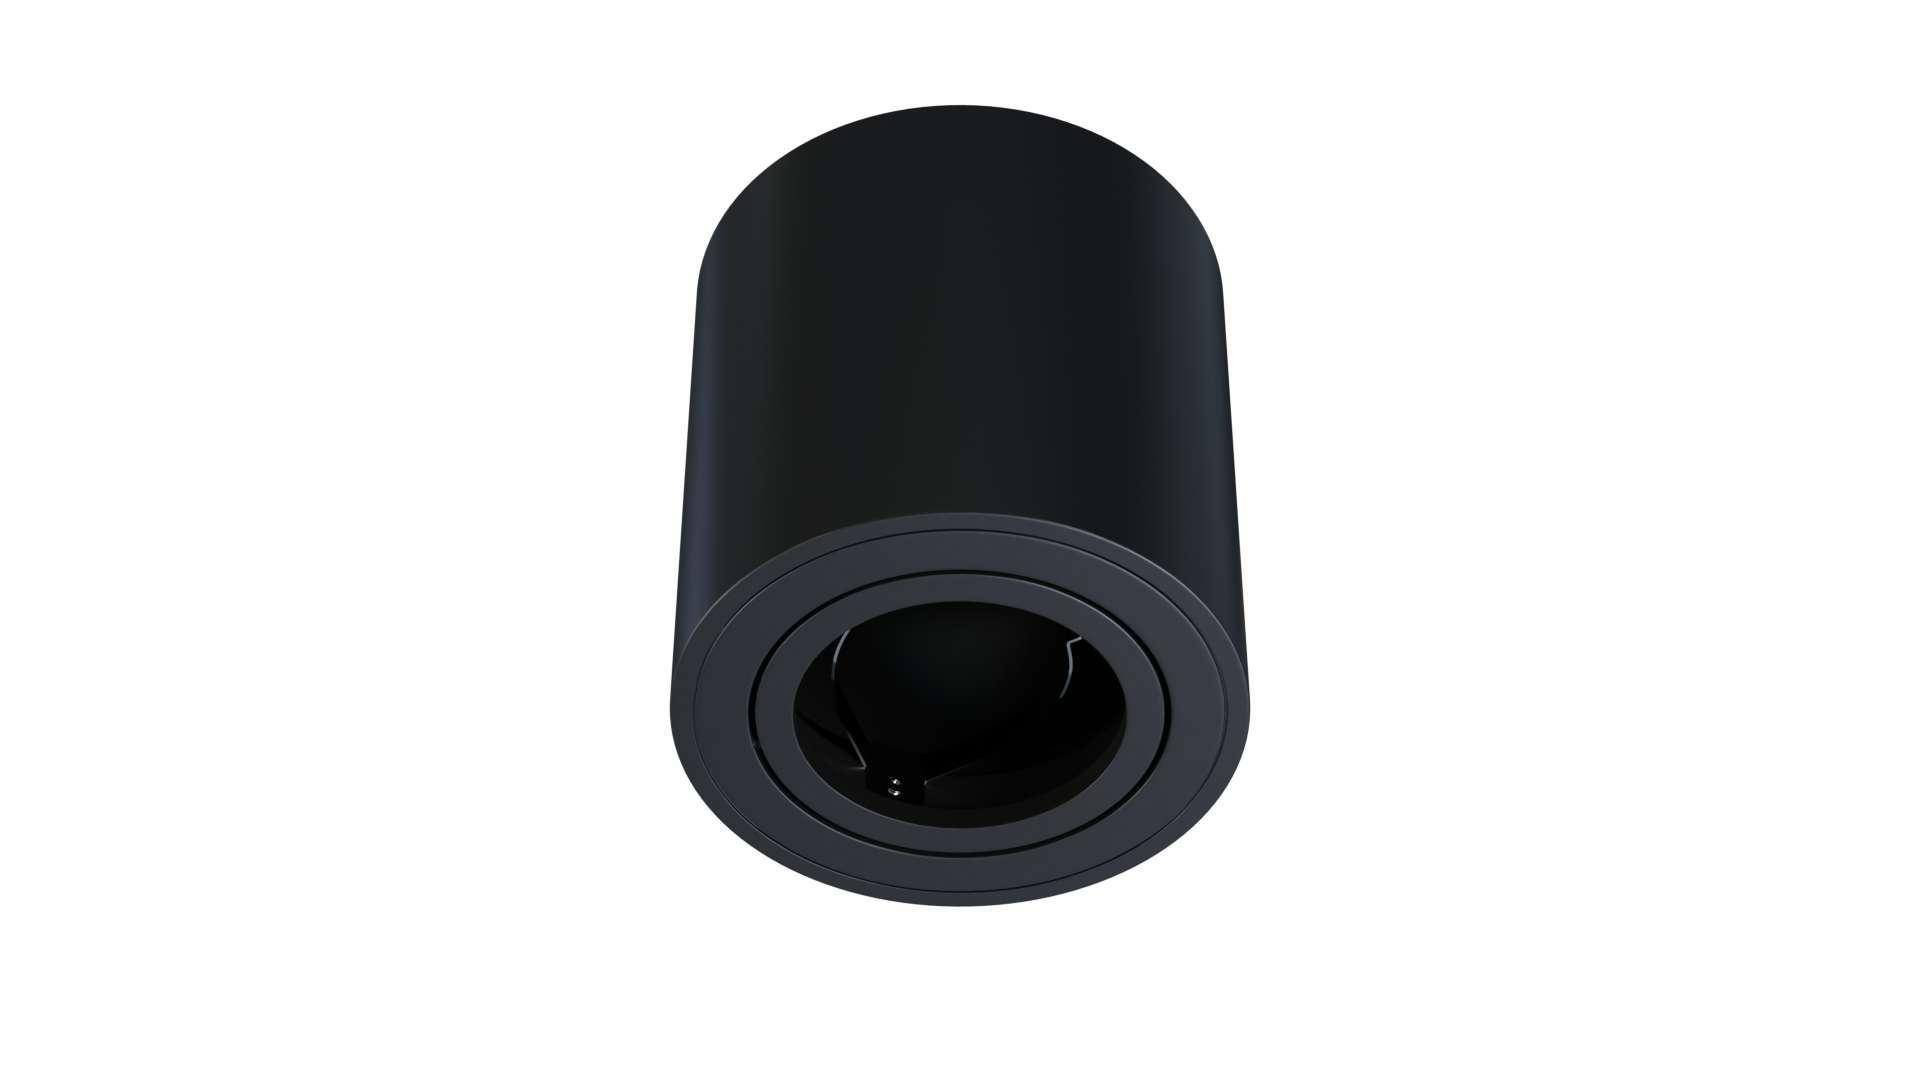 Oprawa natynkowa OREA okrągła czarna